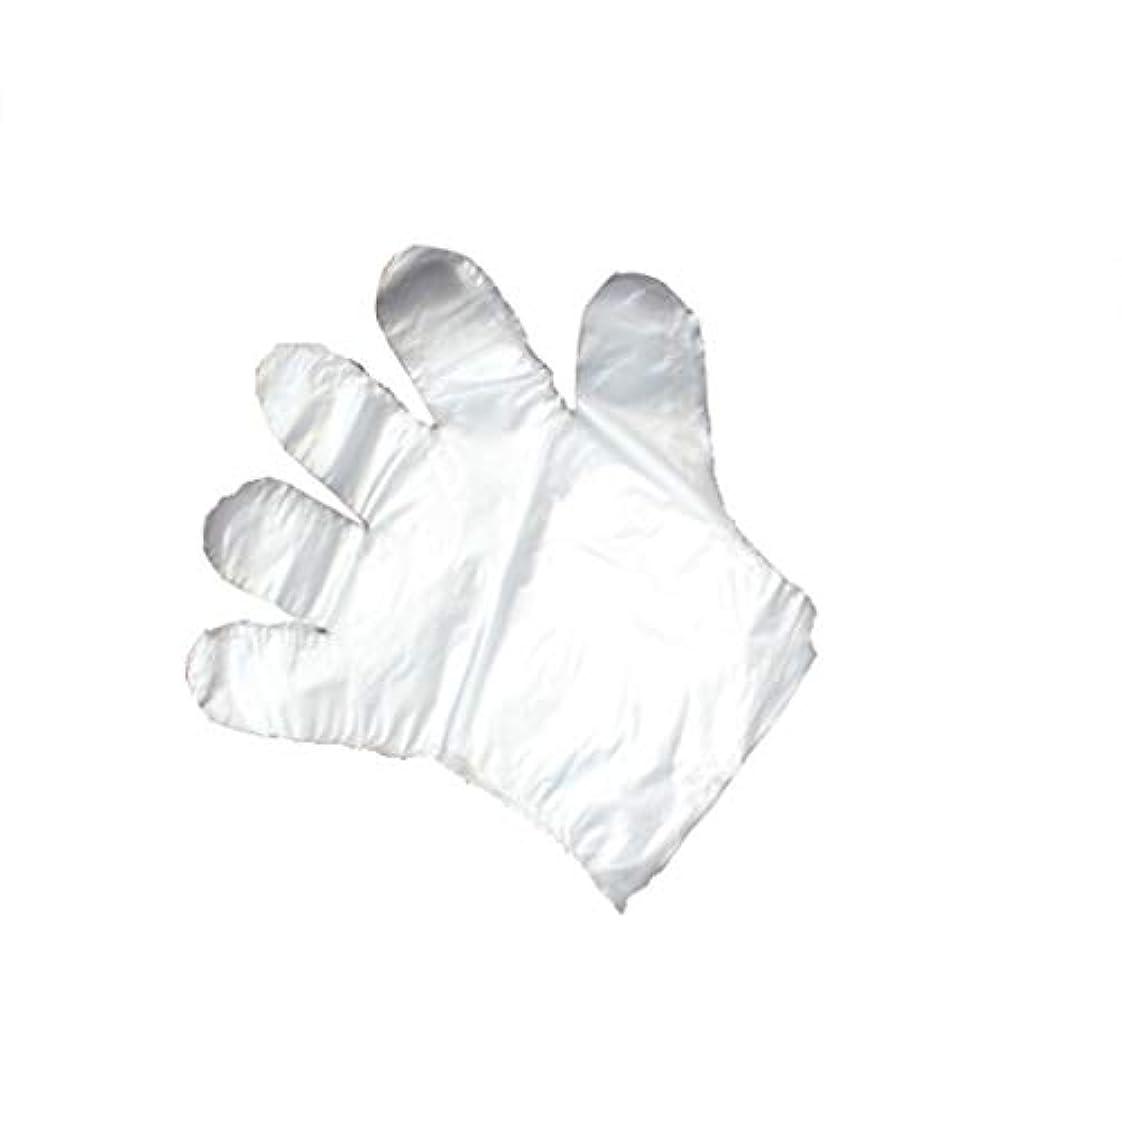 手袋、使い捨て手袋、透明な肥厚、美しさ、家庭掃除、手袋、白、透明、5パック、500袋。 (UnitCount : 1000)